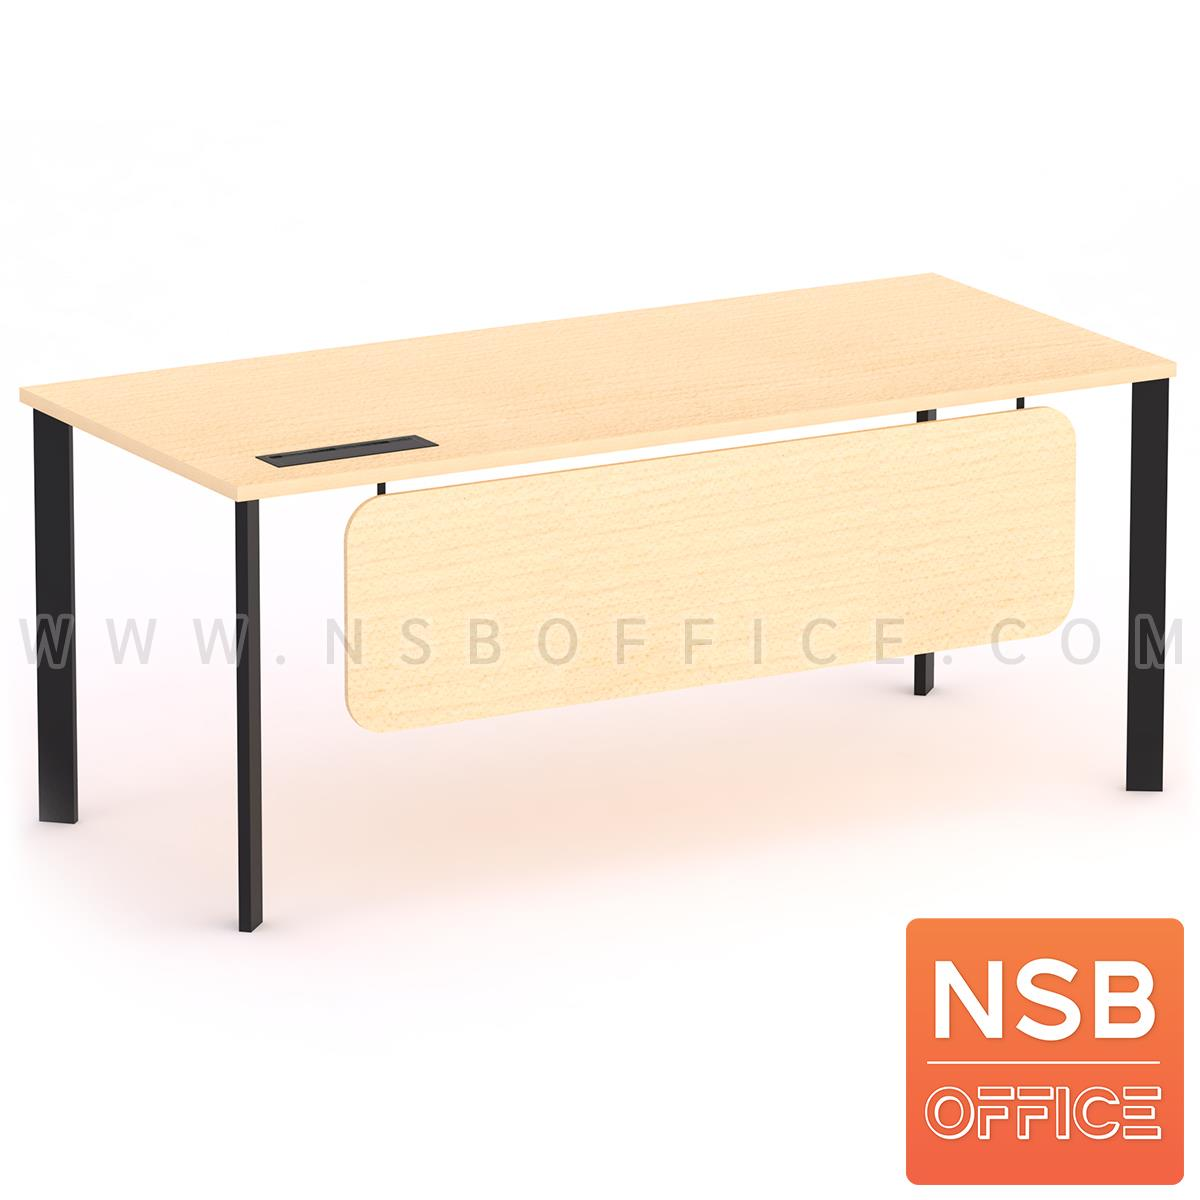 A30A035:โต๊ะทำงานผู้บริหาร รุ่น Oxecure (อ็อกซิเคียว)  พร้อมป๊อบอัพ ขาเหล็ก